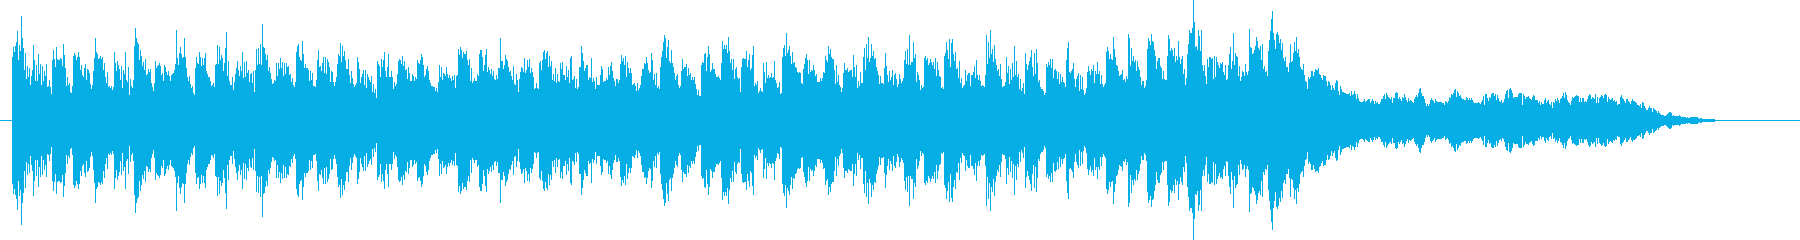 未来的、幻想的なハイブリッドサウンドの再生済みの波形